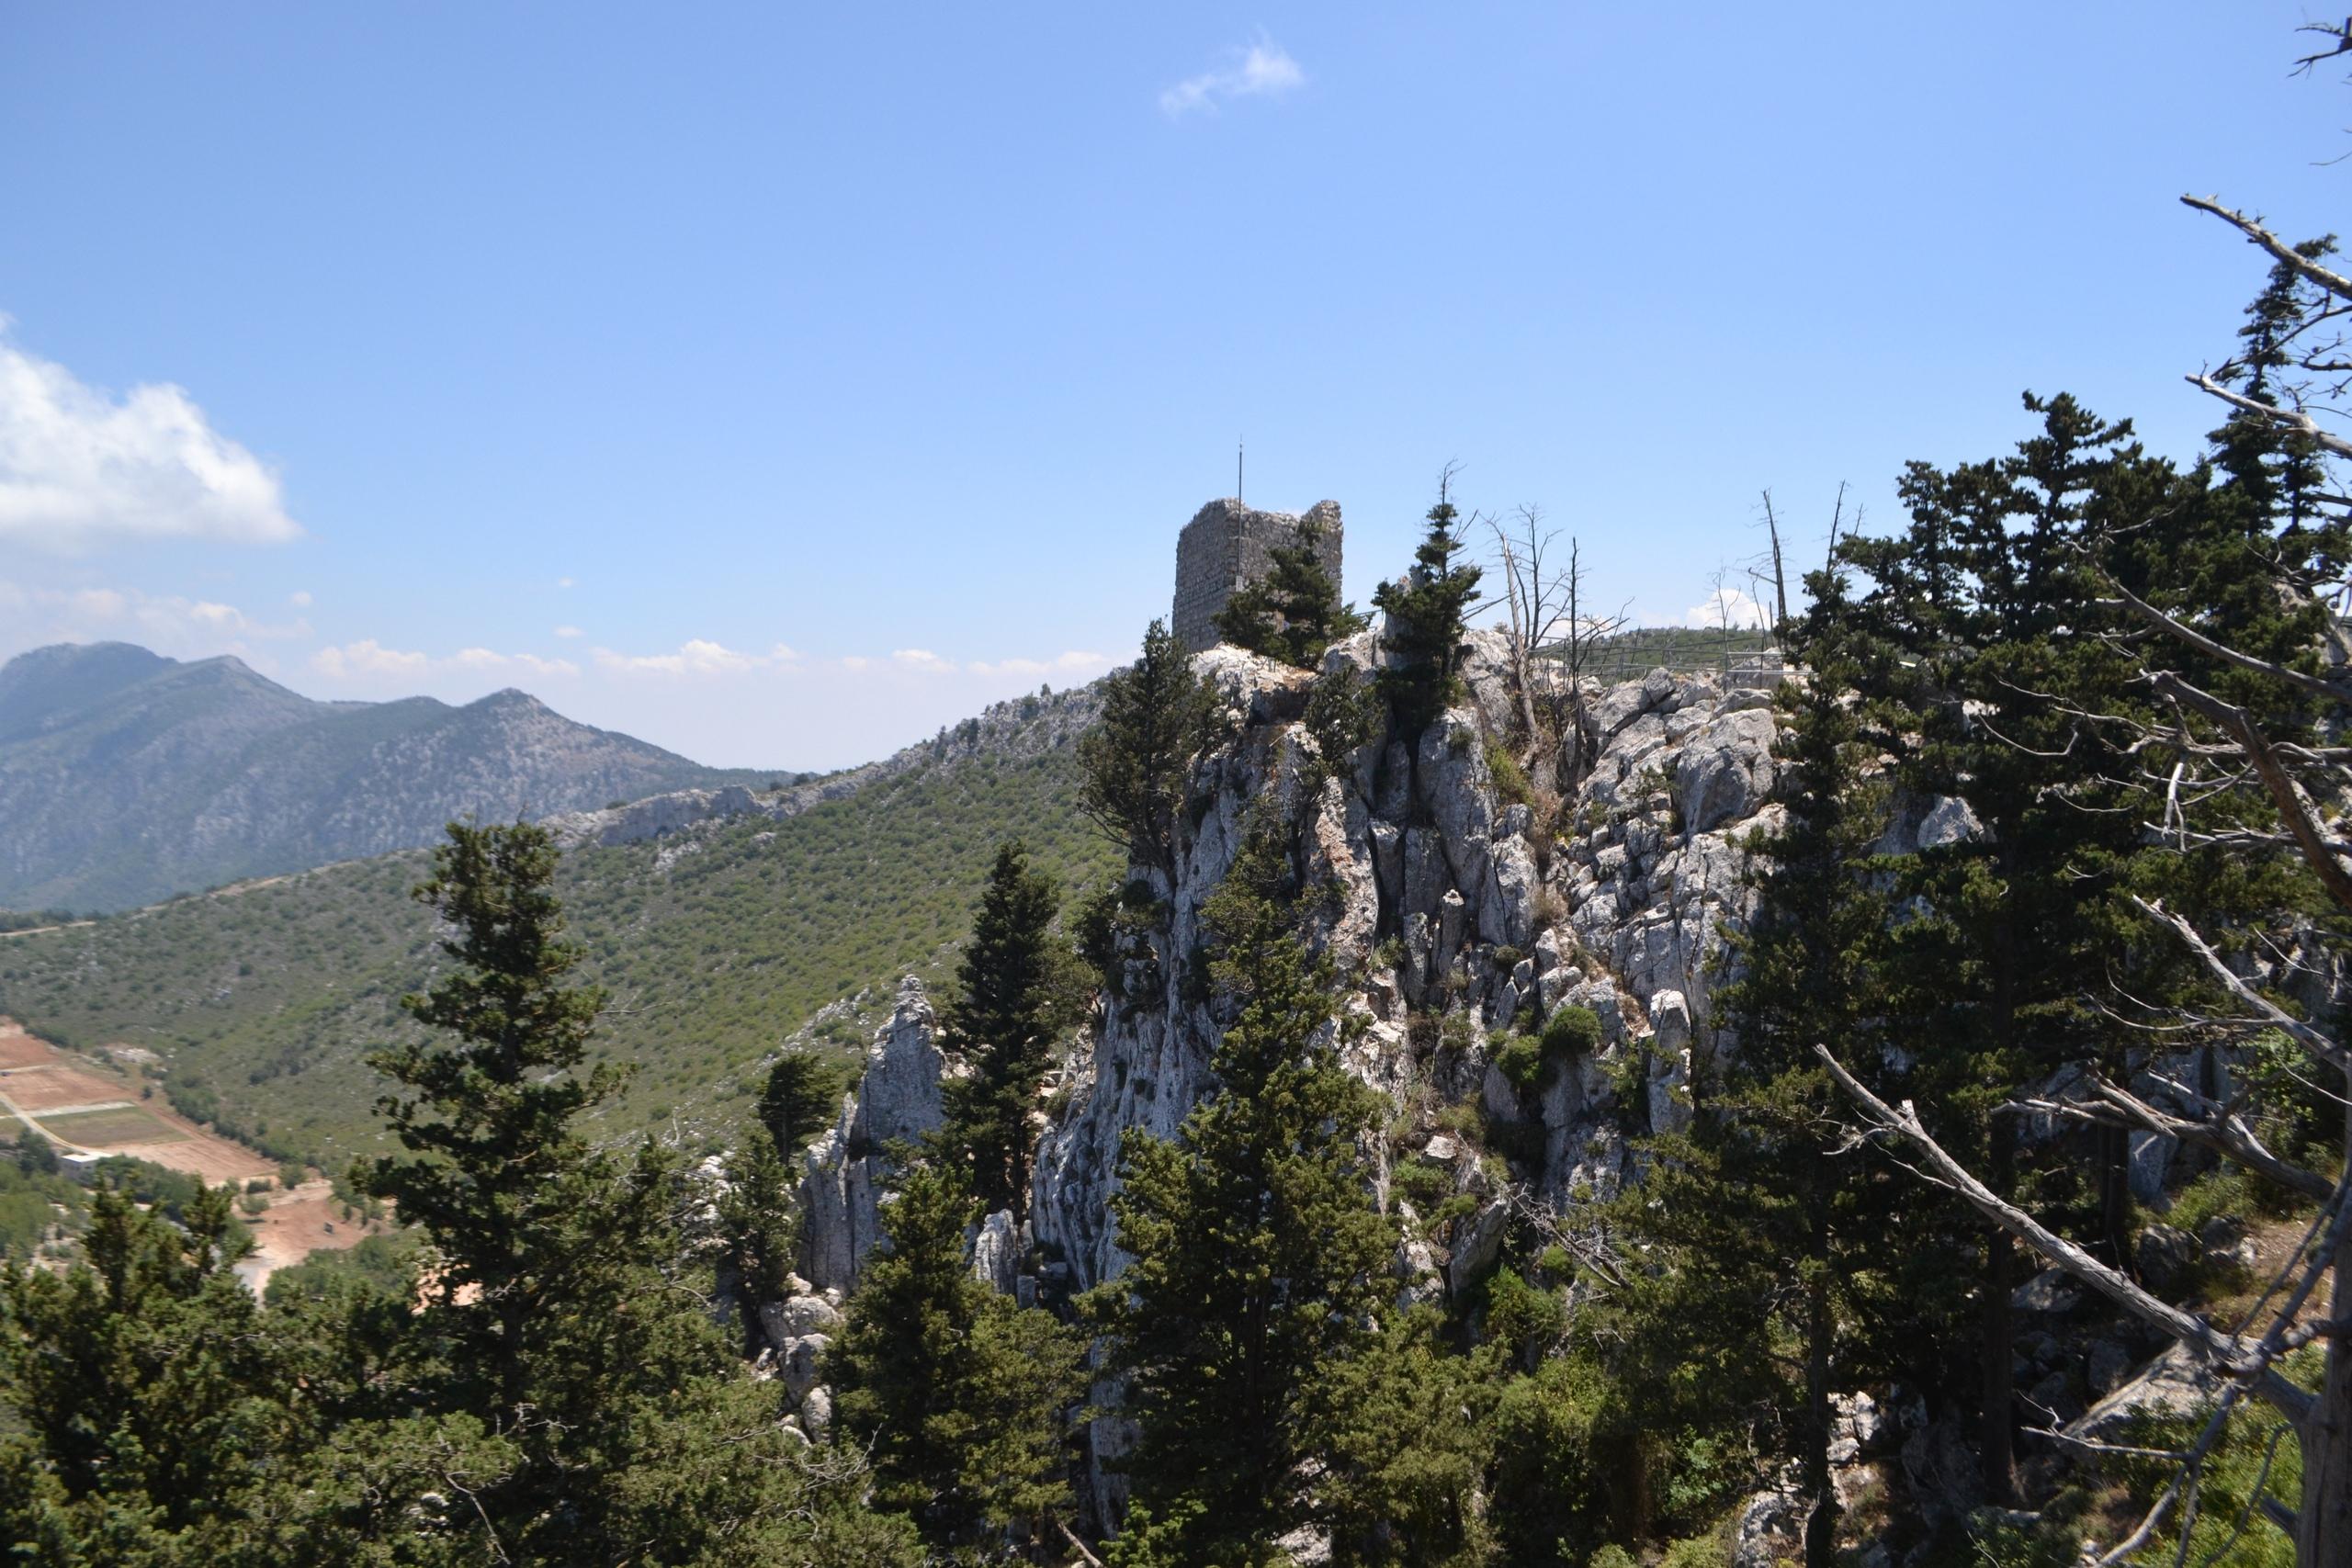 Северный Кипр. Замок Святого Иллариона. (фото). - Страница 3 KHdVIcMfUXY